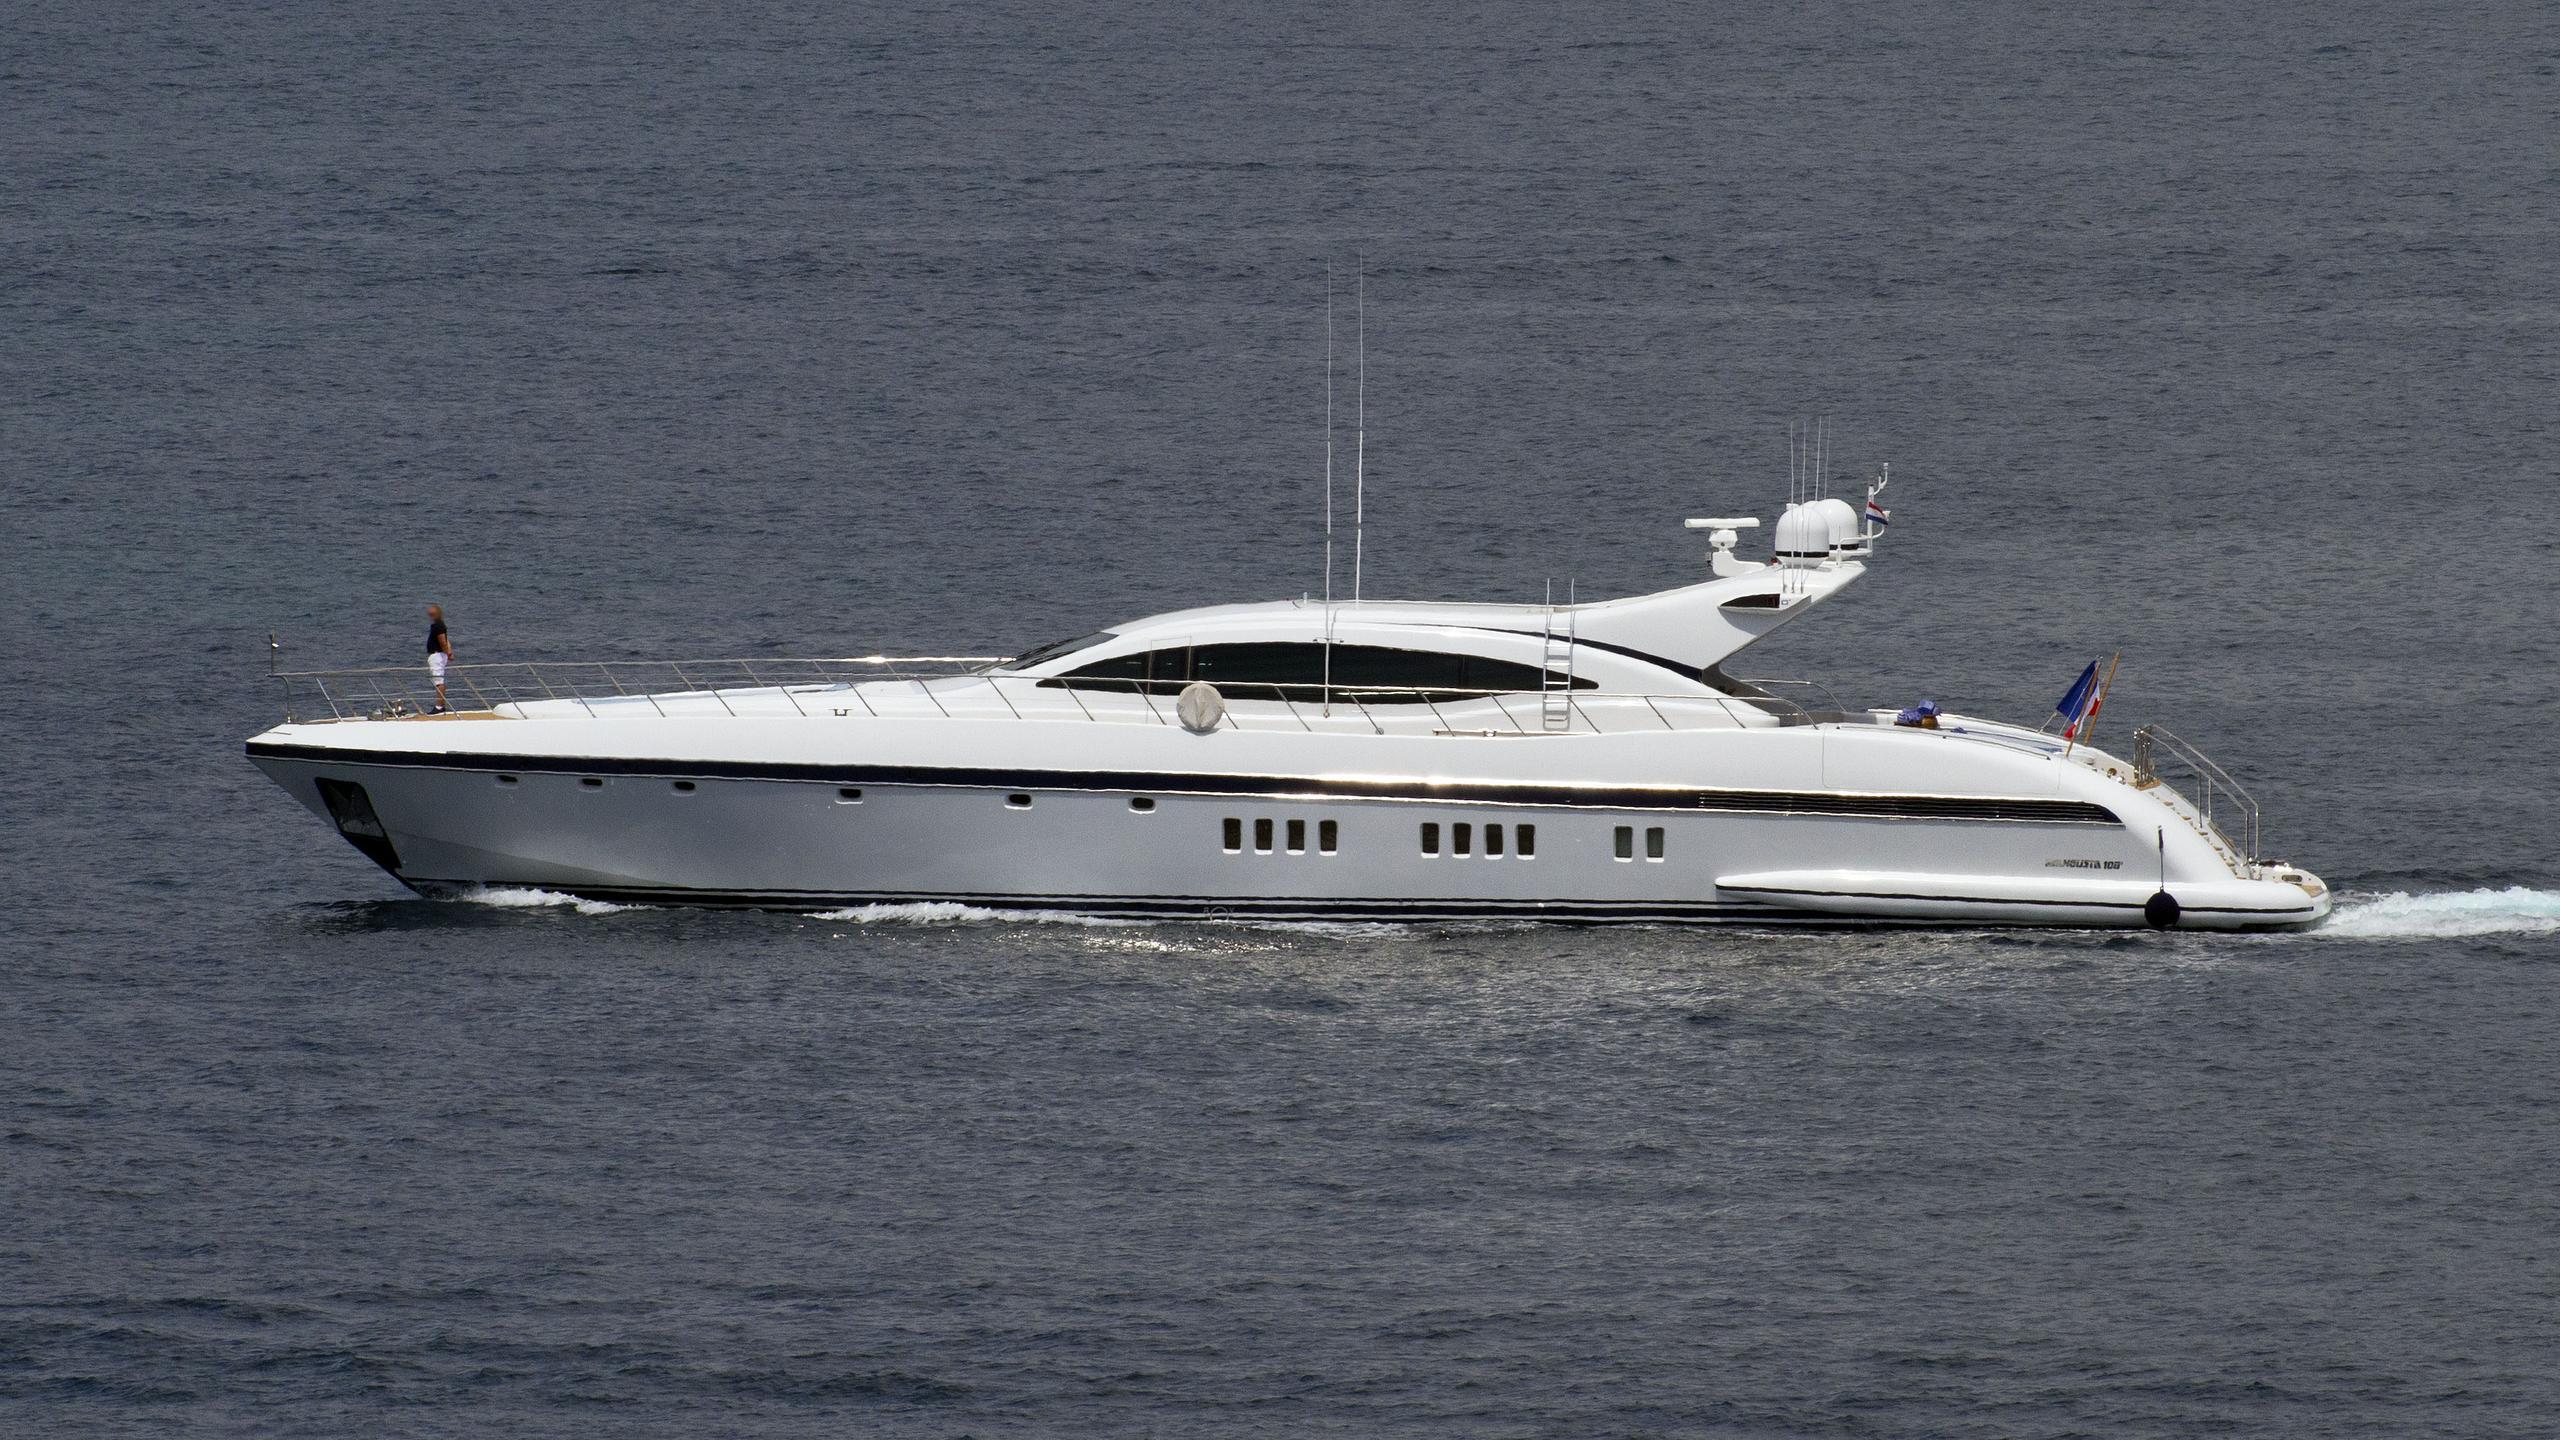 s-o'-motor-yacht-overmarine-mangusta-108-sport-2007-33m-running-profile